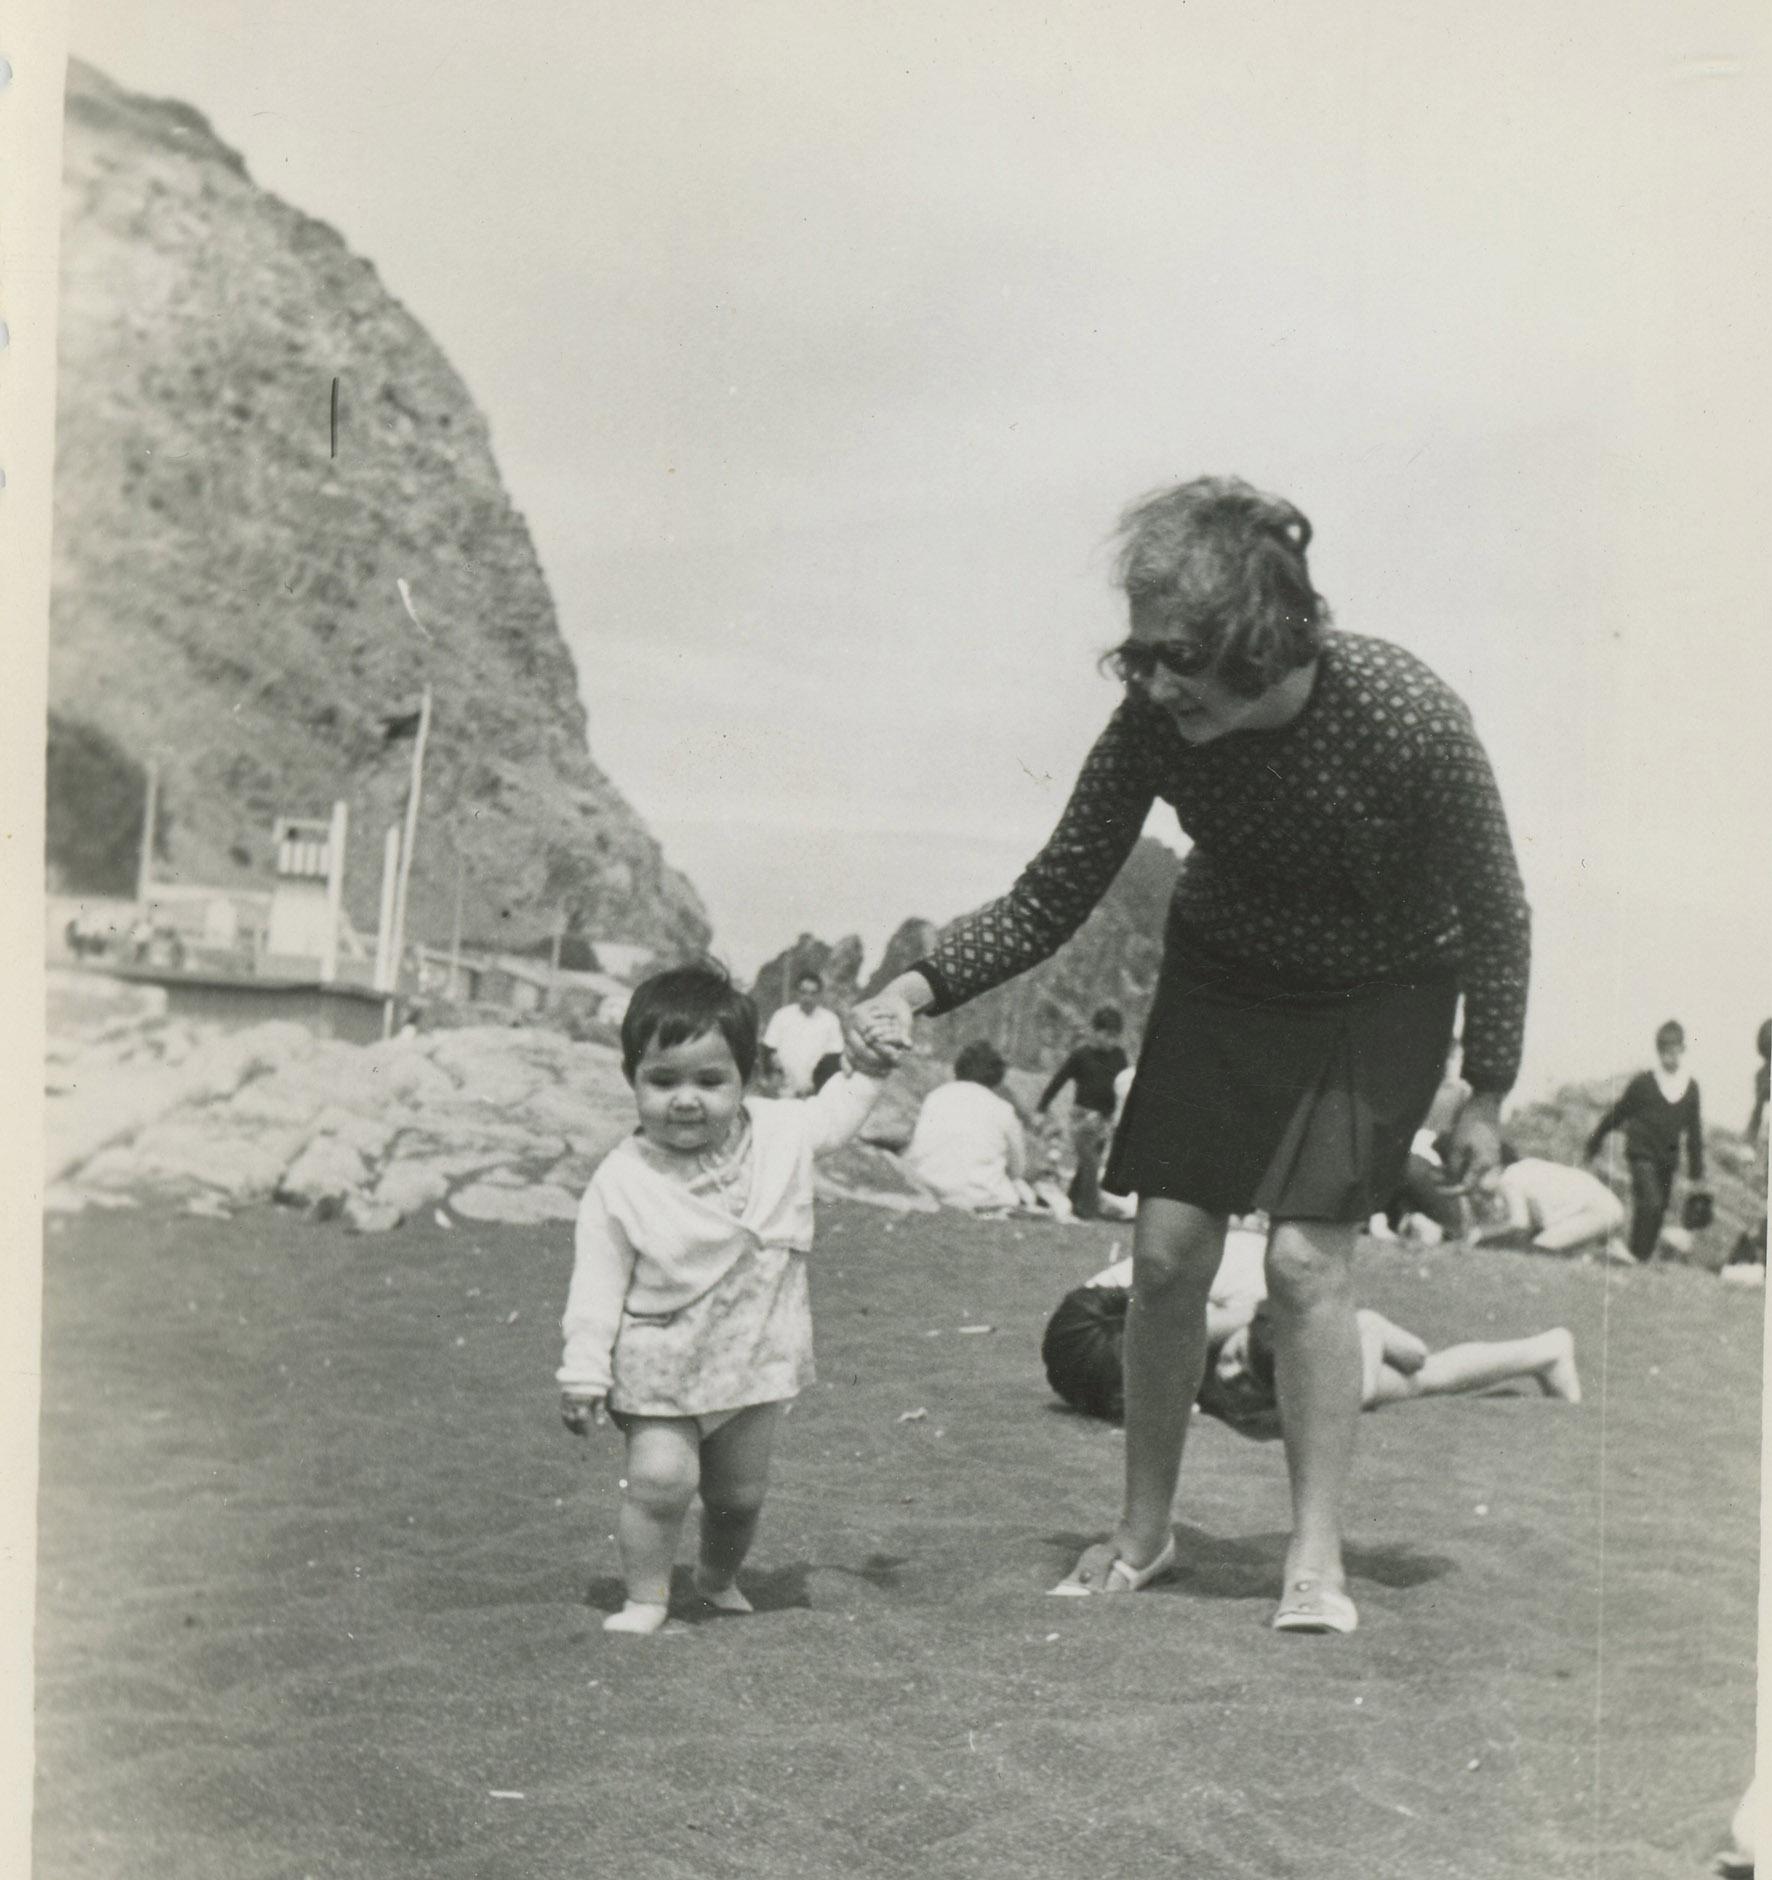 Enterreno - Fotos históricas de chile - fotos antiguas de Chile - Verano en la playa de constitución en 1969